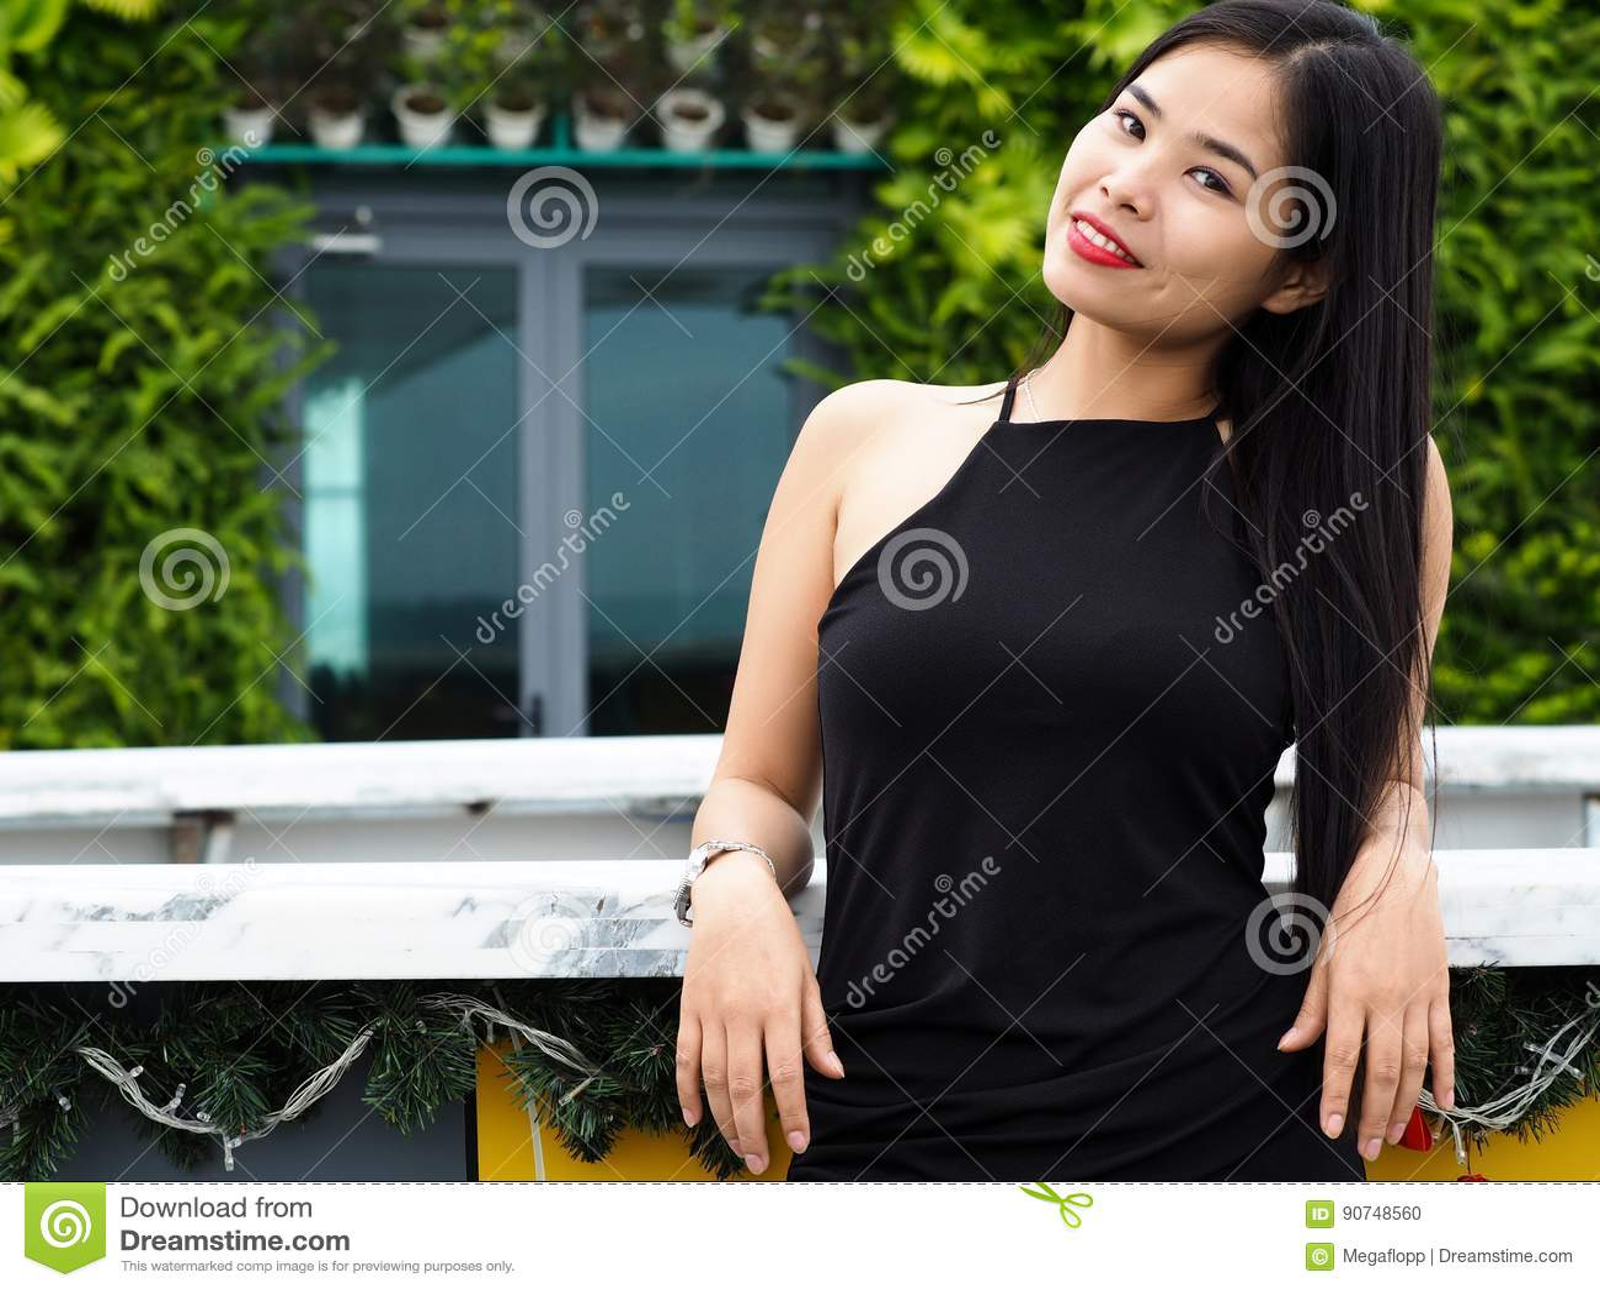 Vietnam dating Service dating sivusto Rockabilly